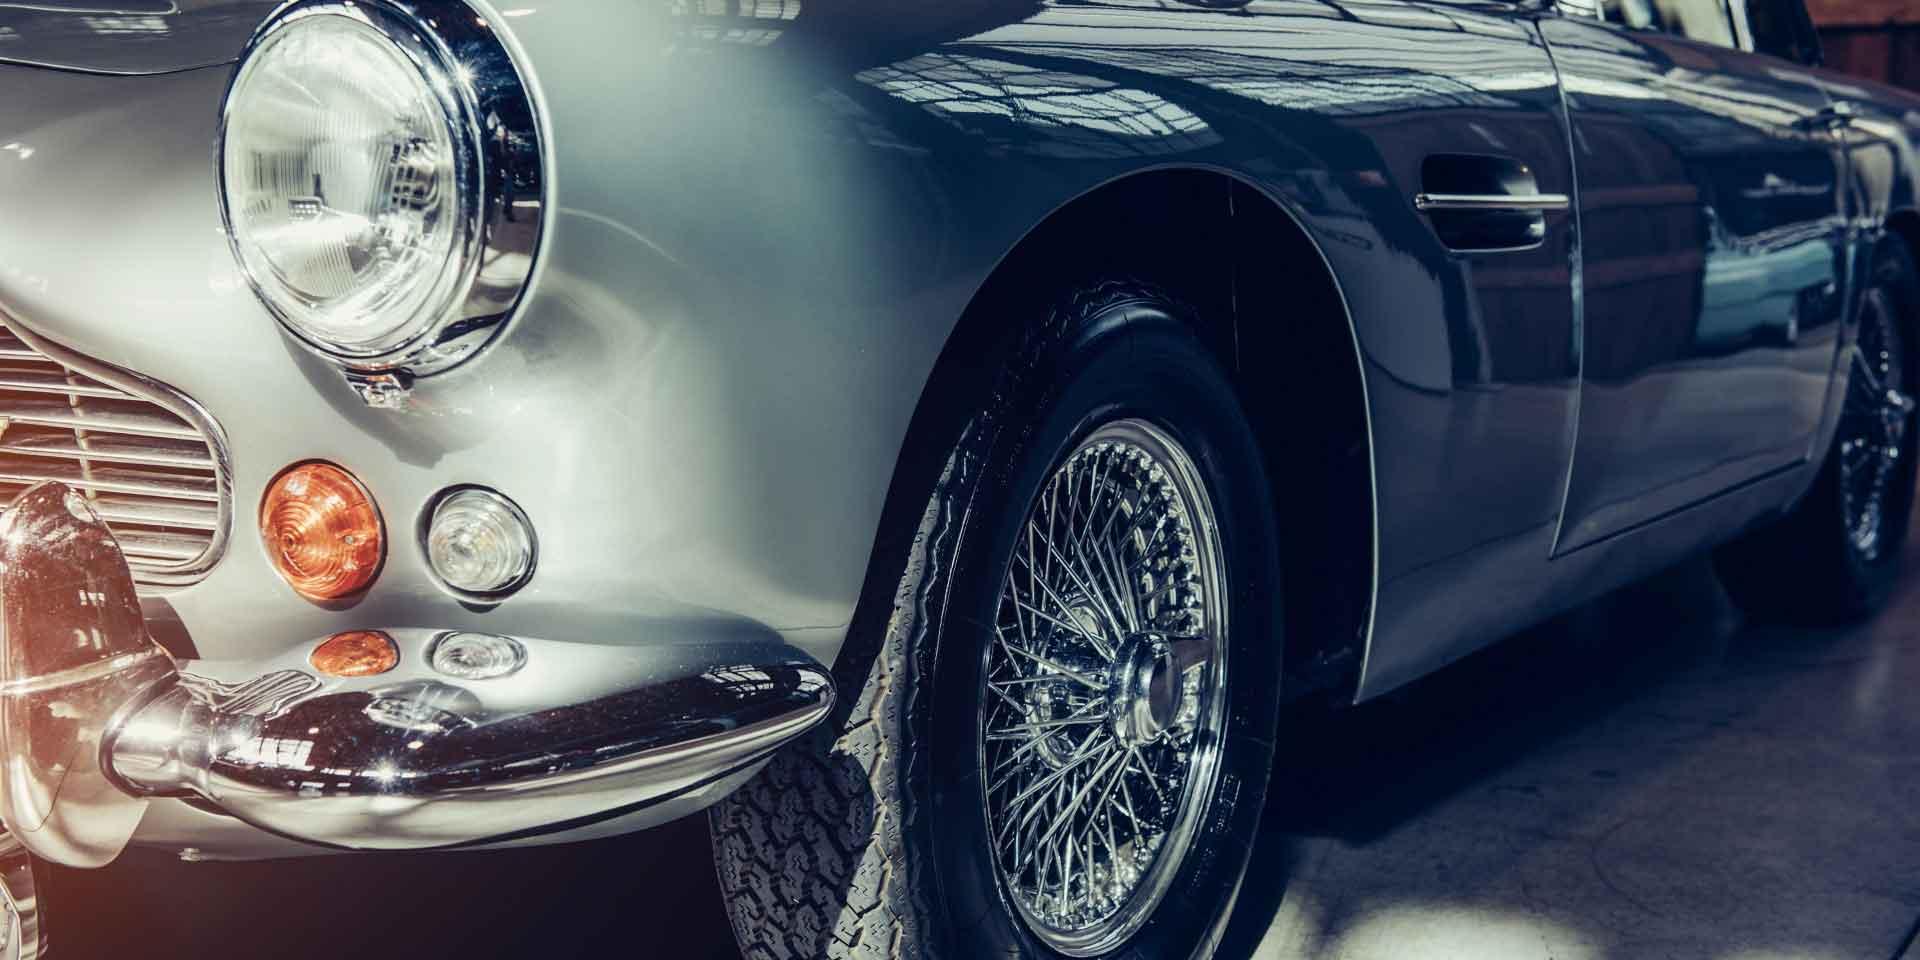 Rent a Luxurious Car